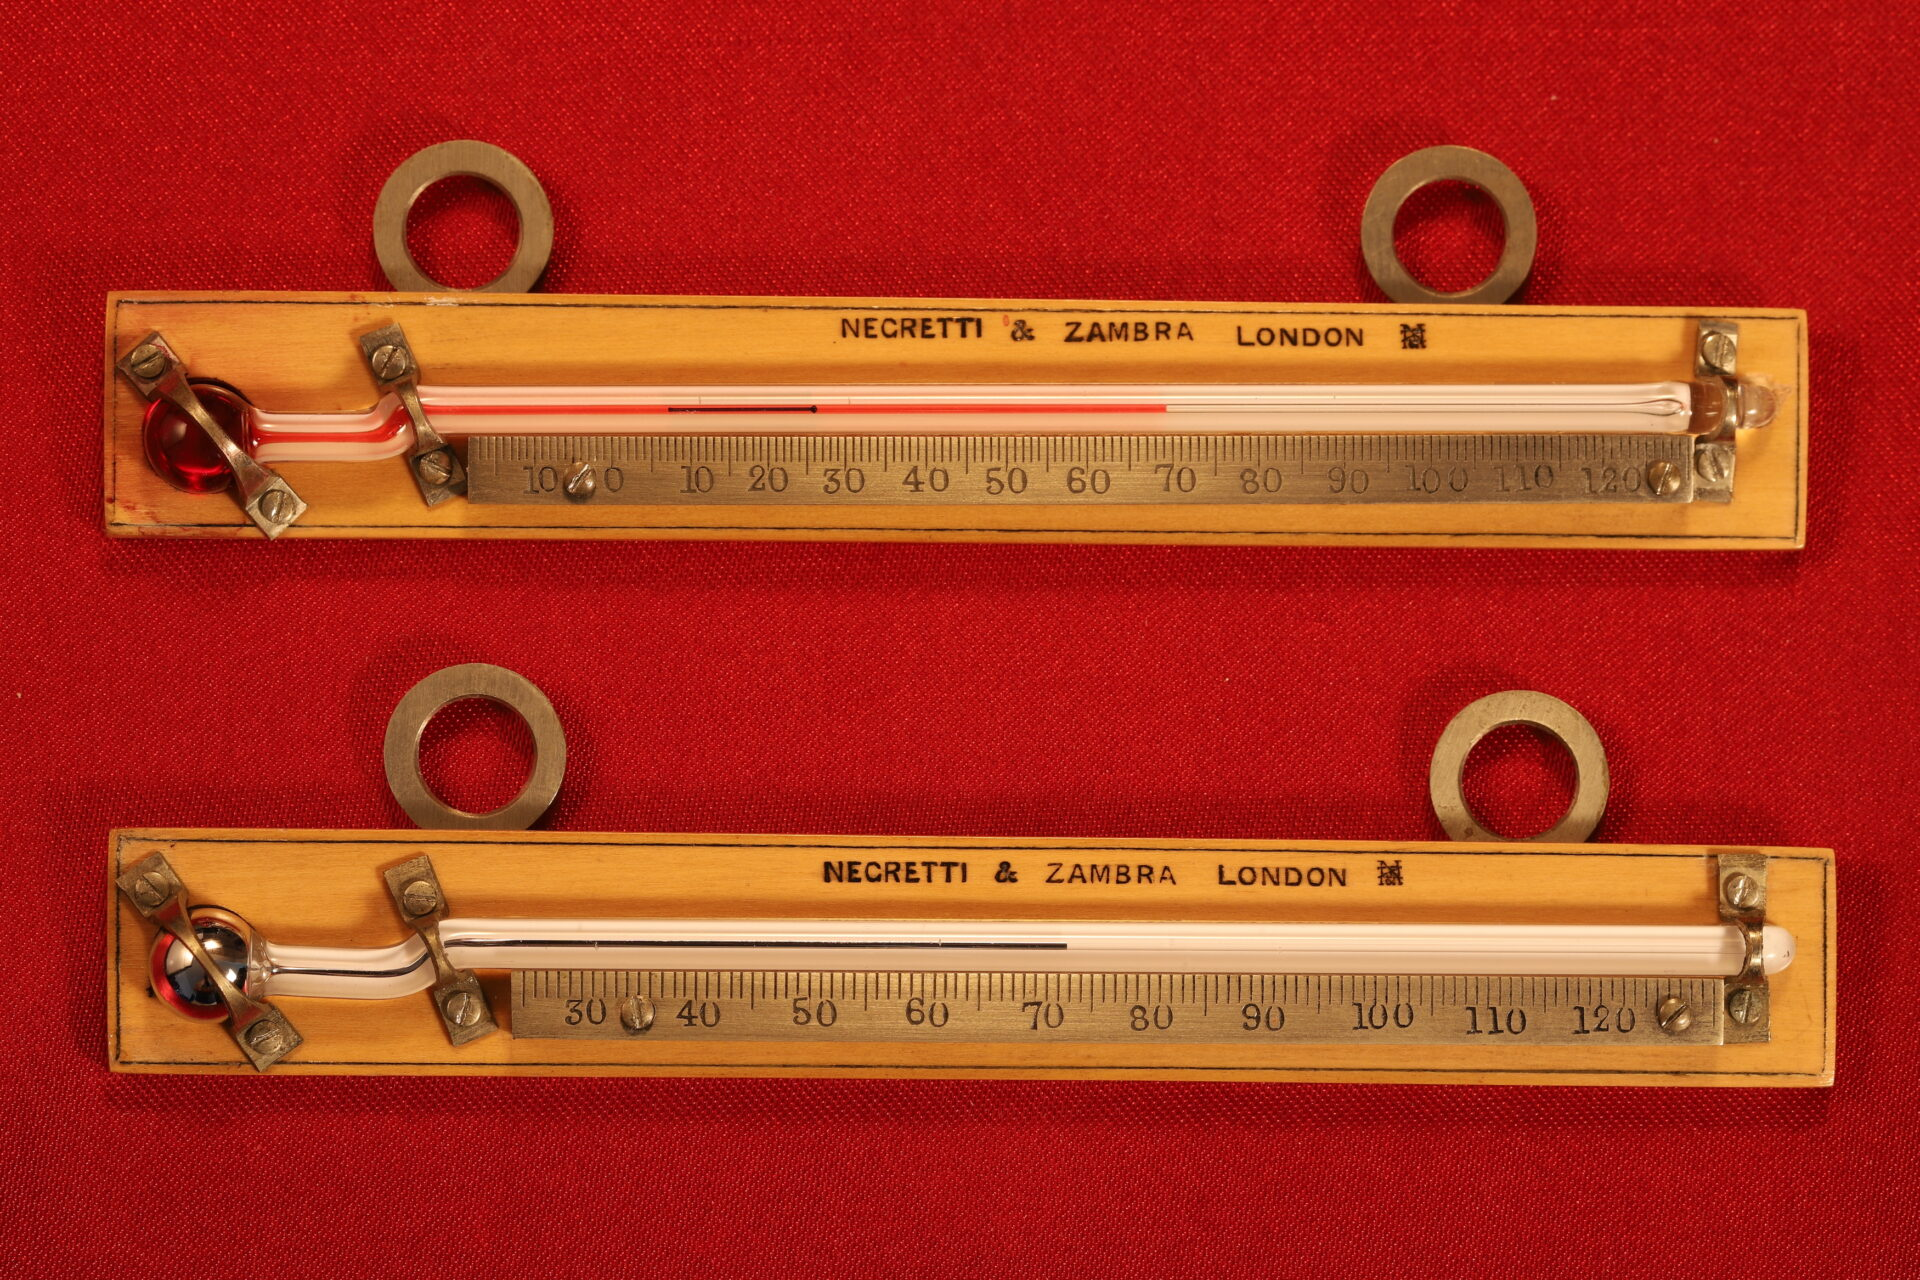 Image of Negretti & Zambra Scientific Thermometers c1915